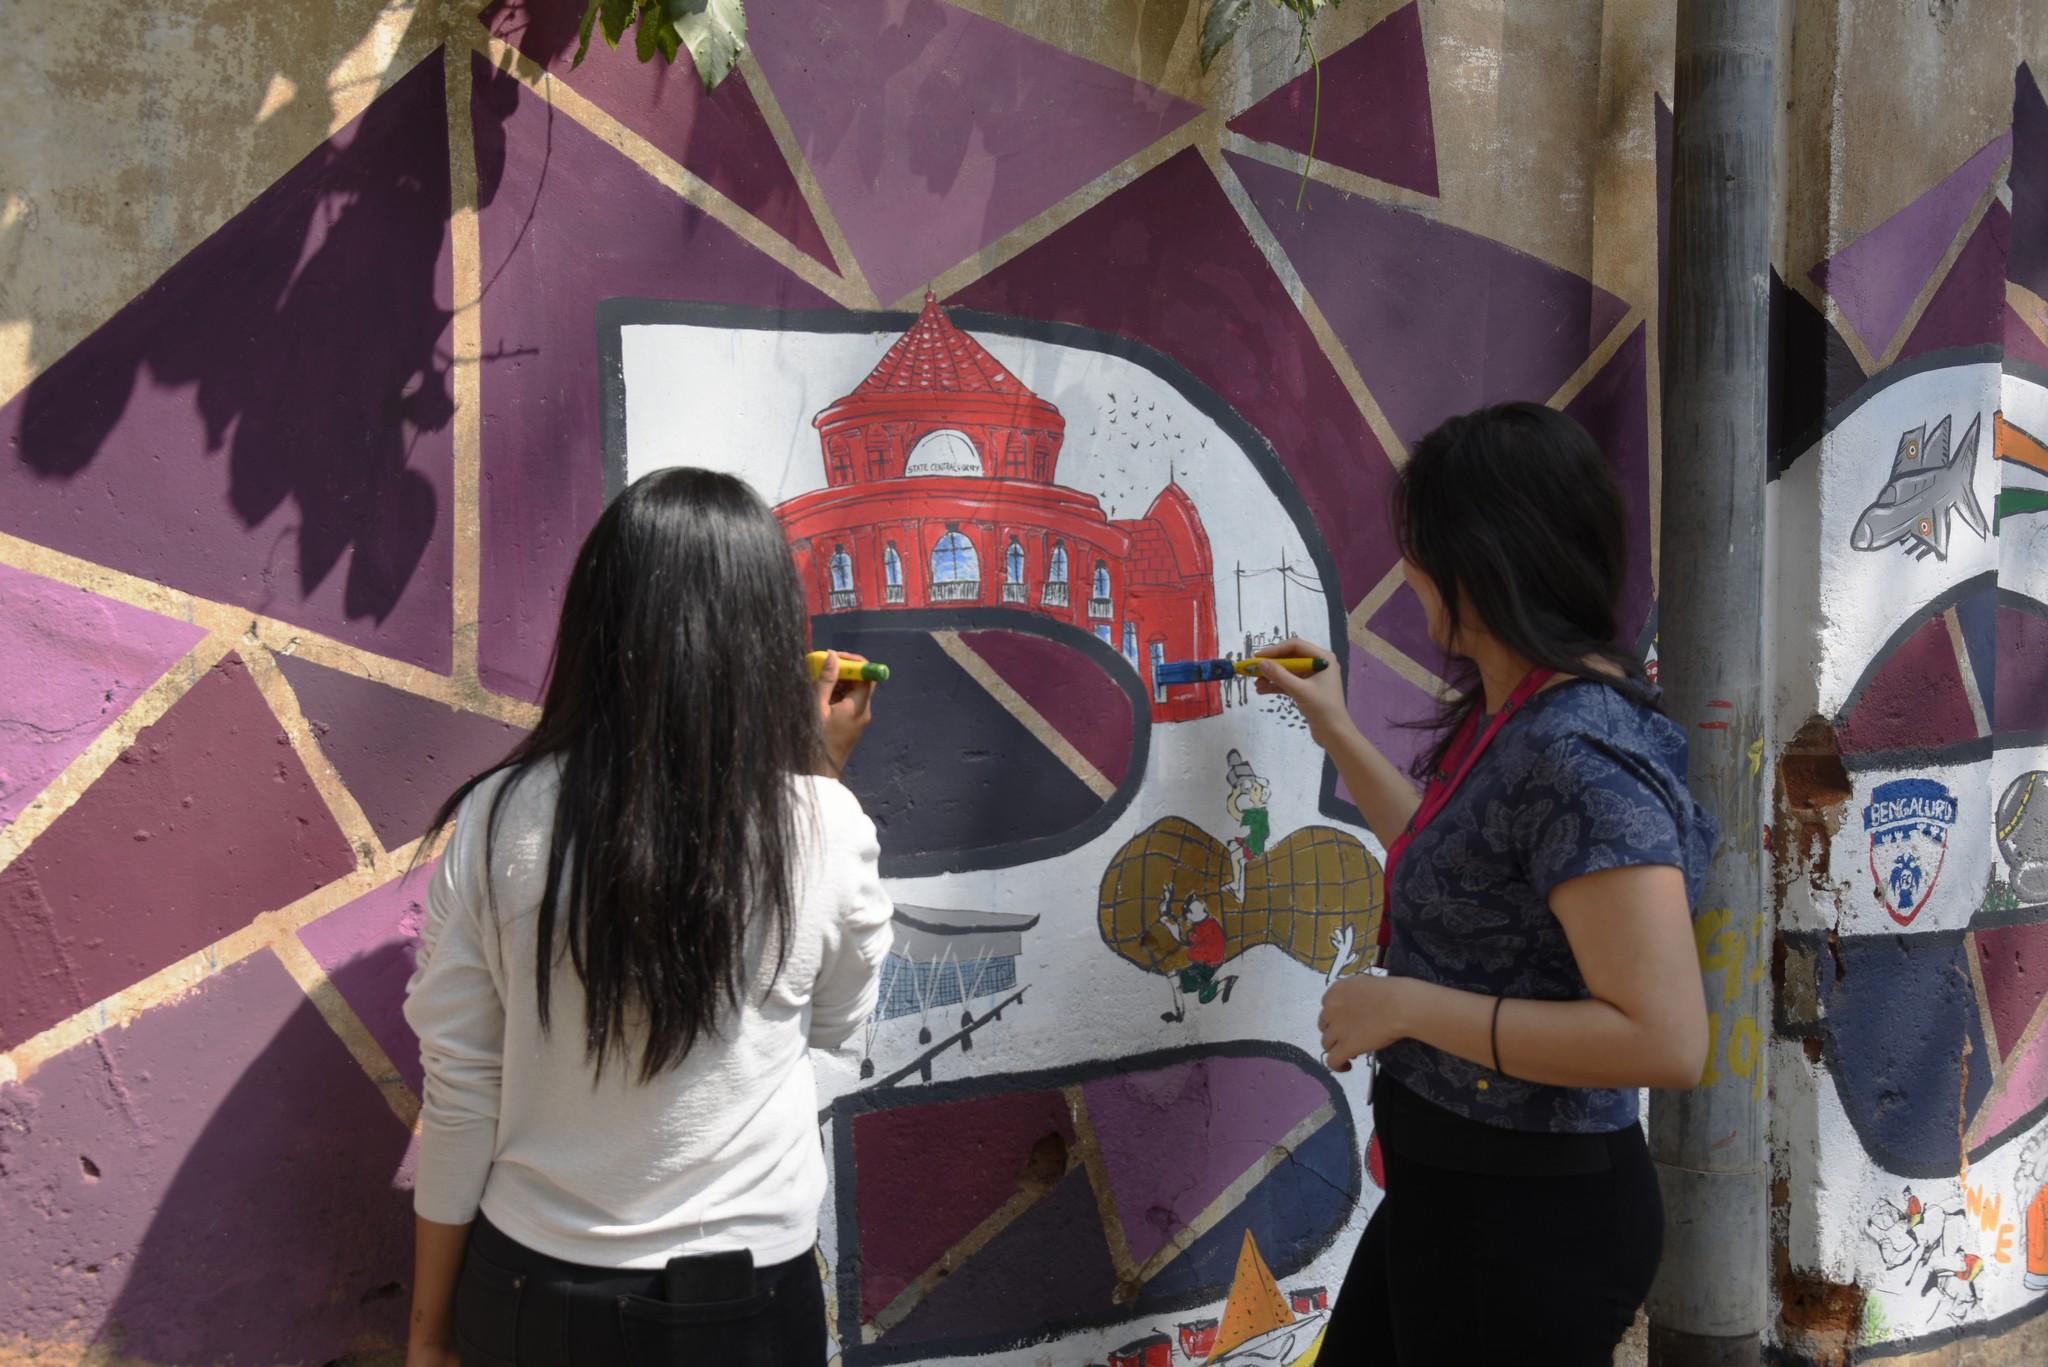 Namma Bengaluru – Wall art by students of JD Institute namma bengaluru - Namma Bengaluru 3 - Namma Bengaluru – Wall art by students of JD Institute